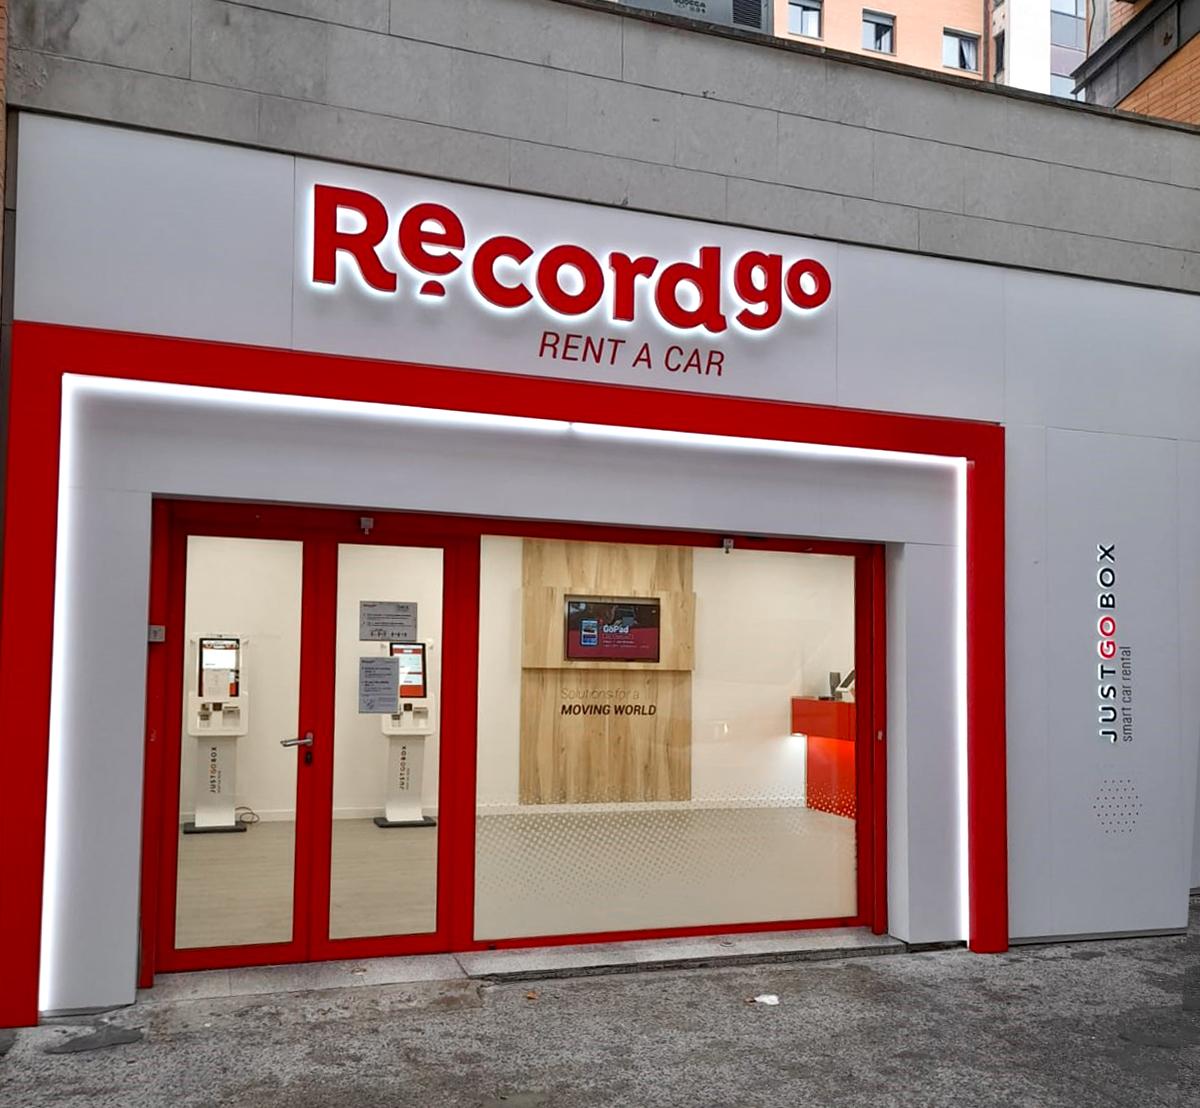 Record go, Sevilla-Santa Justa